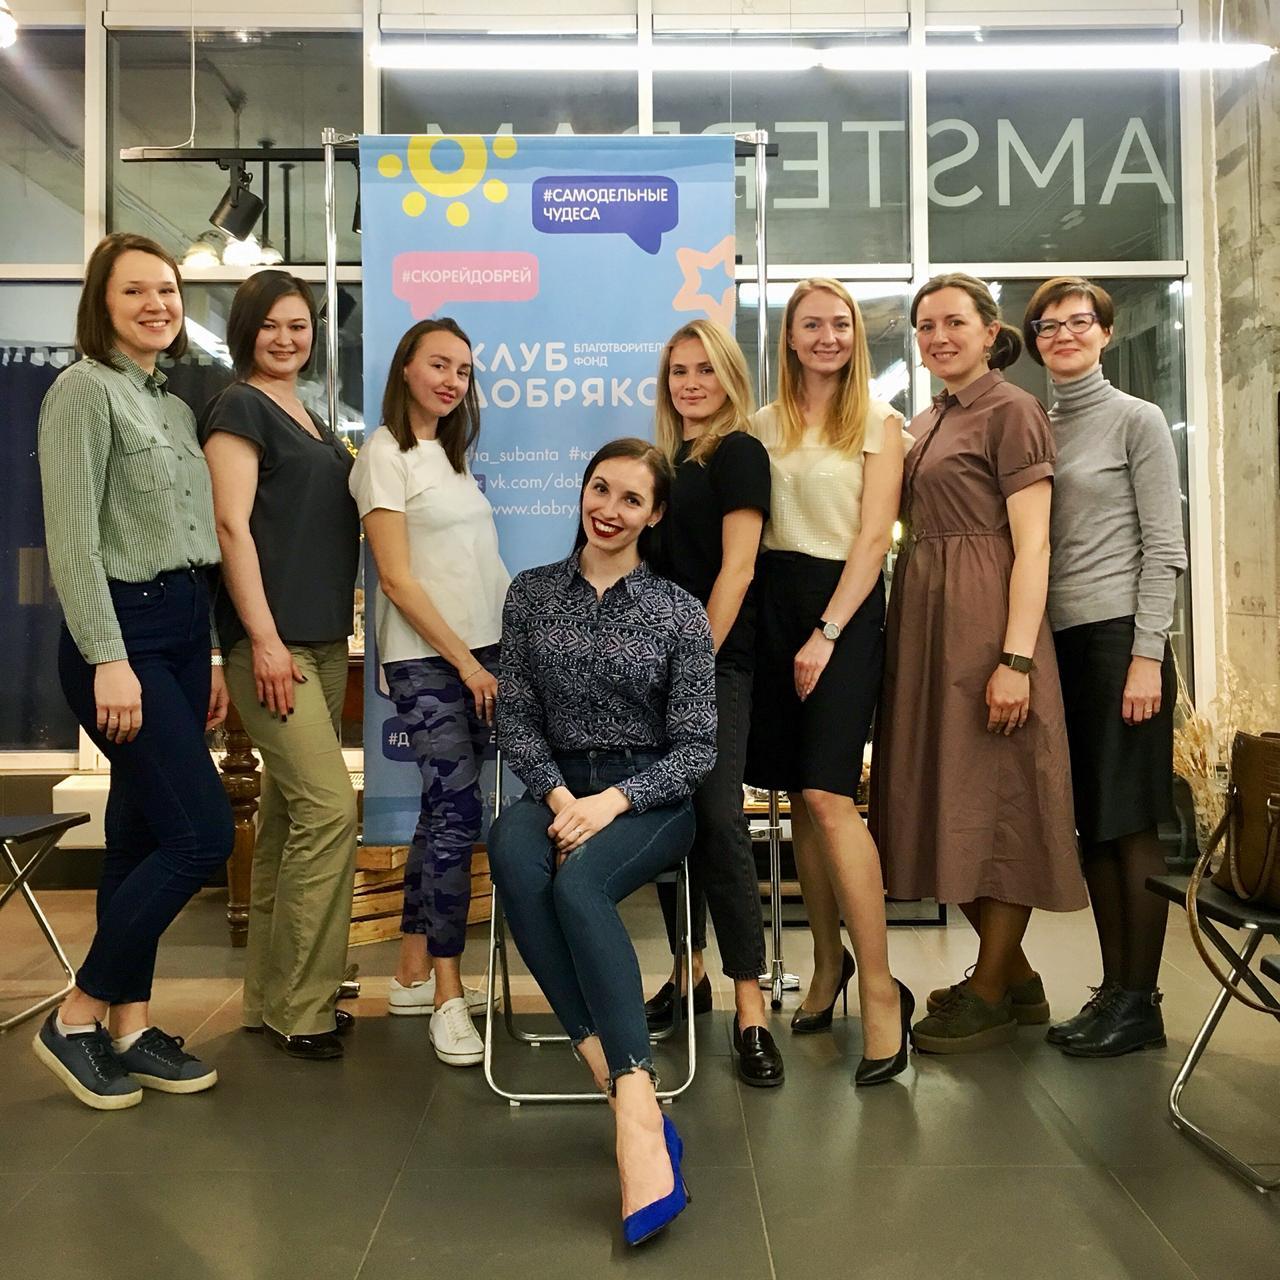 Участники встречи в Челябинске собрали деньги для подопечных фонда